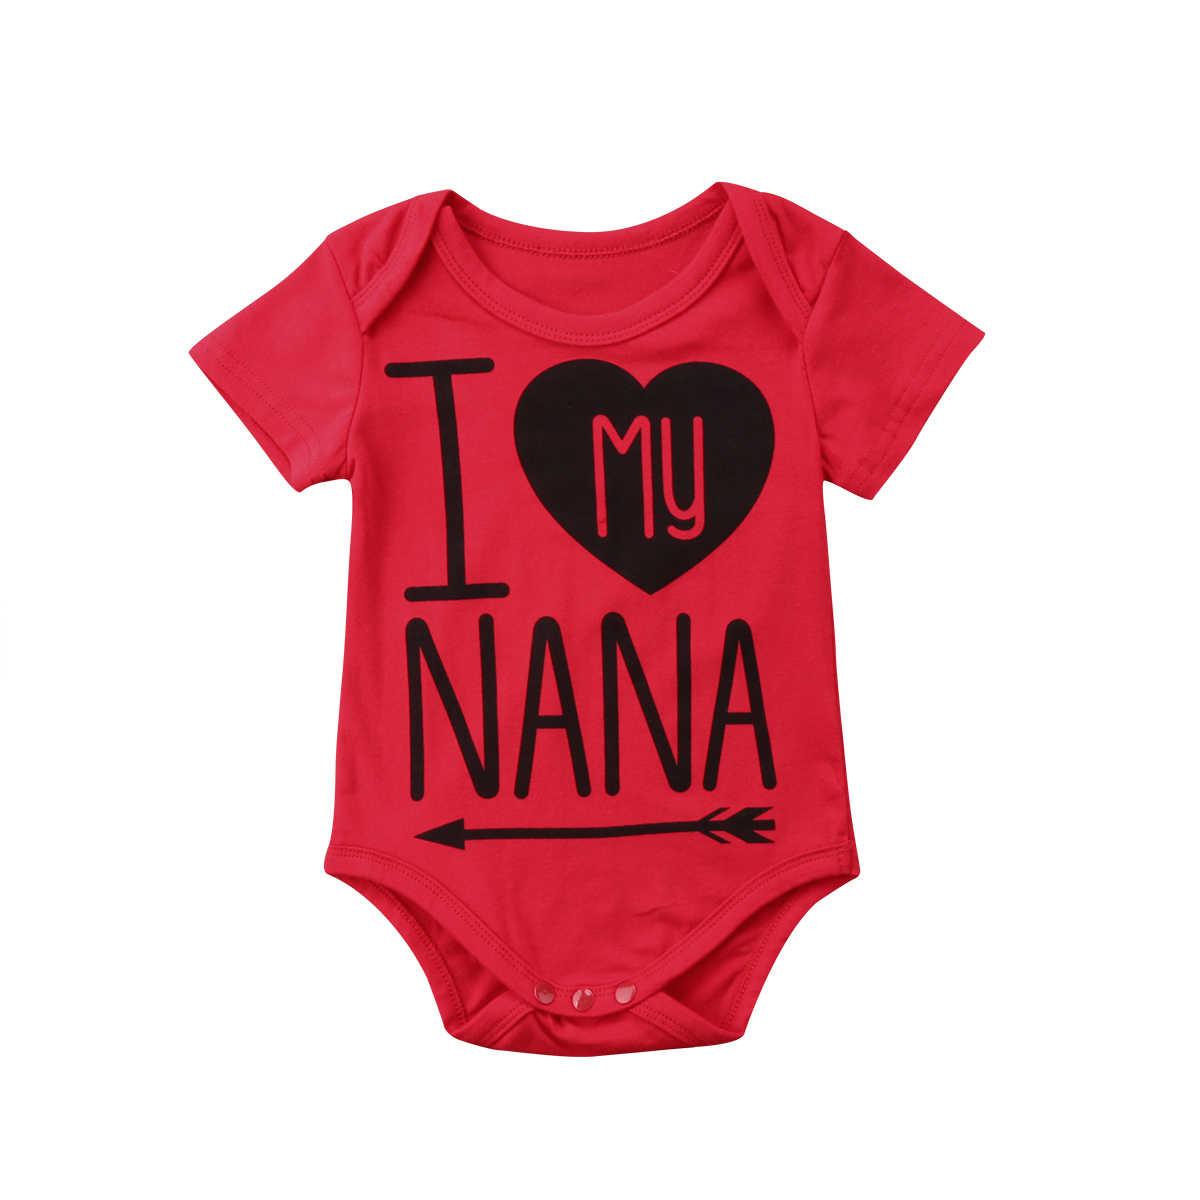 Me encanta NANA lindo bebé recién nacido niños y niñas de algodón mameluco Mono para chico niño ropa niños de 3 Color trajes 2019 novedad de verano